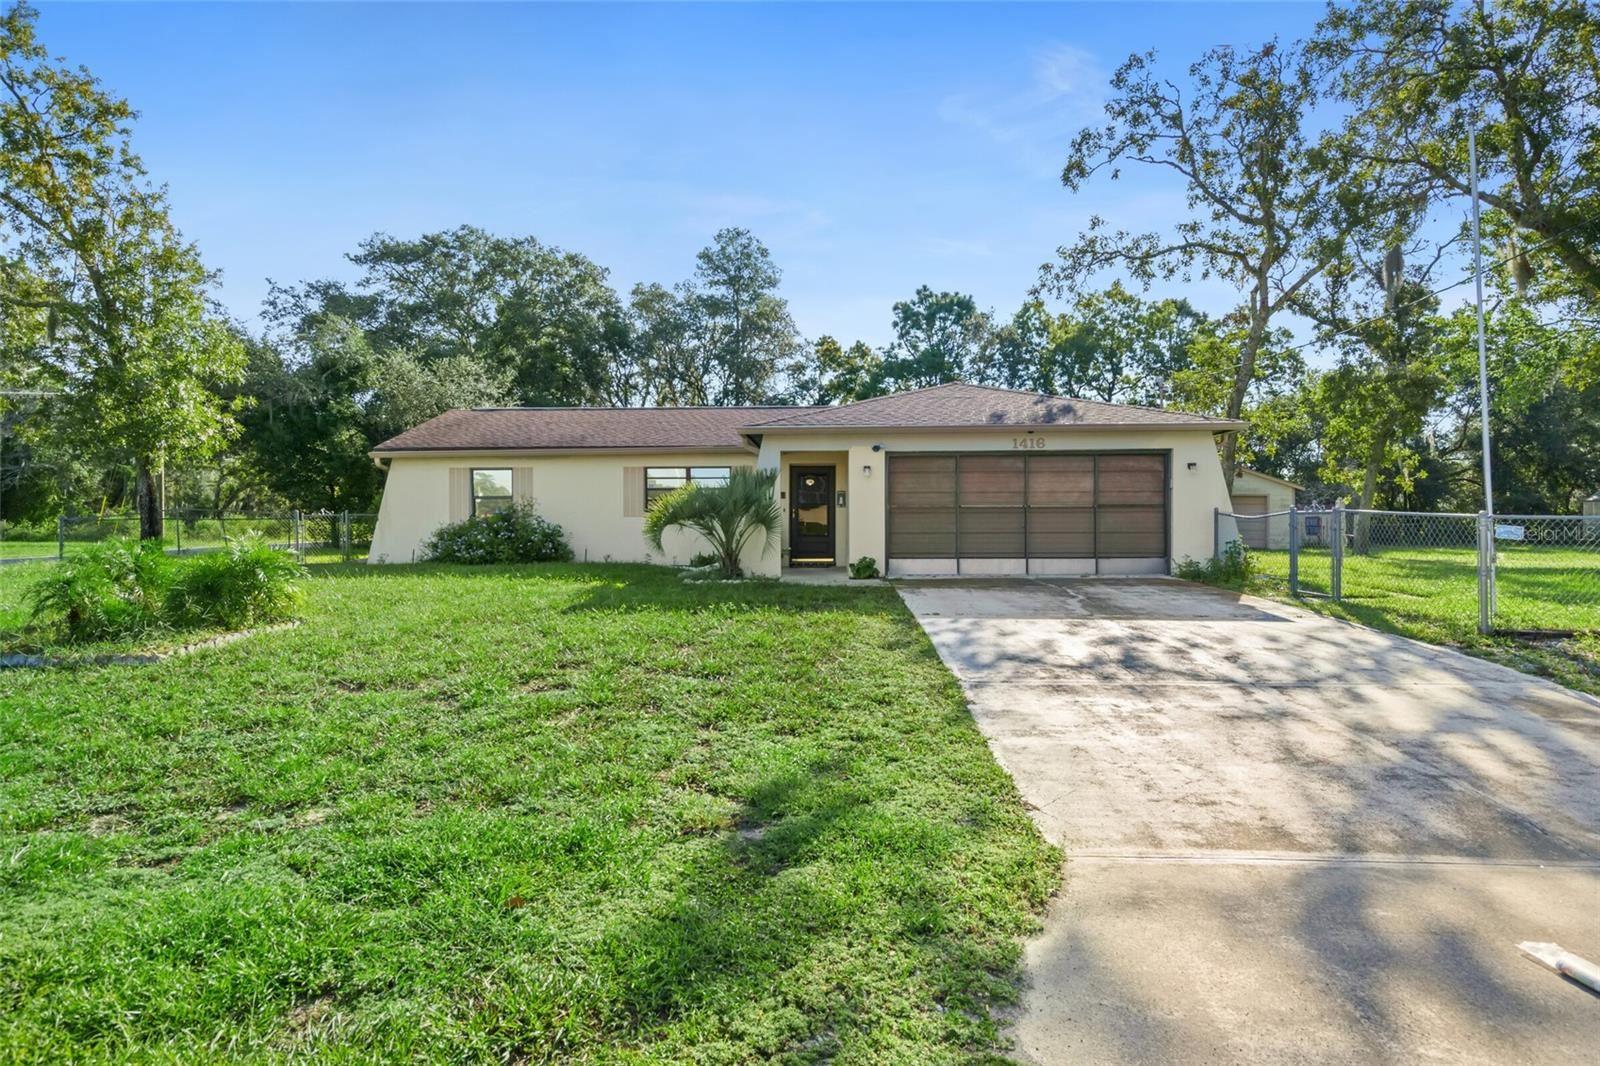 1416 GODFREY AVENUE, Spring Hill, FL 34609 - #: W7838357